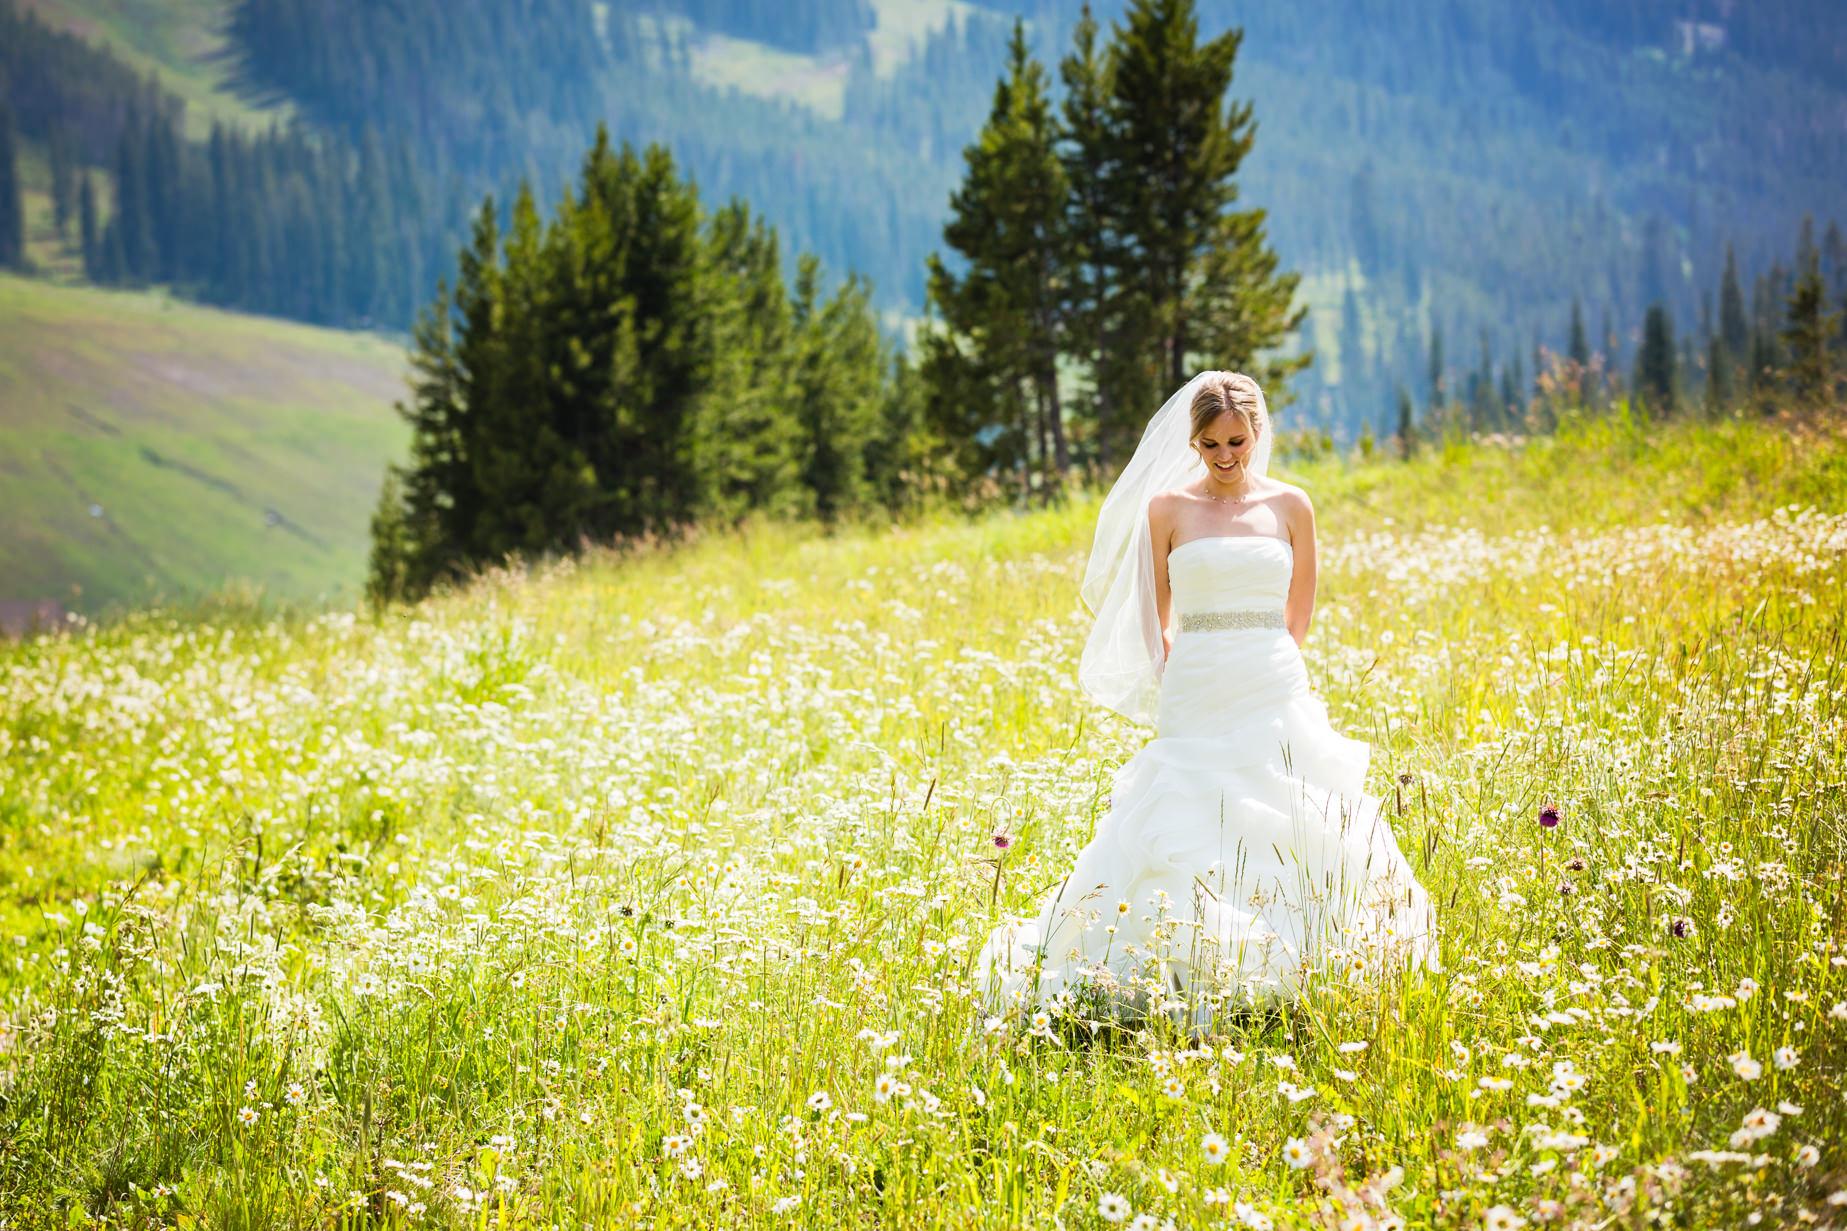 big-sky-resort-wedding-bride-waits-for-groom-in-field.jpg